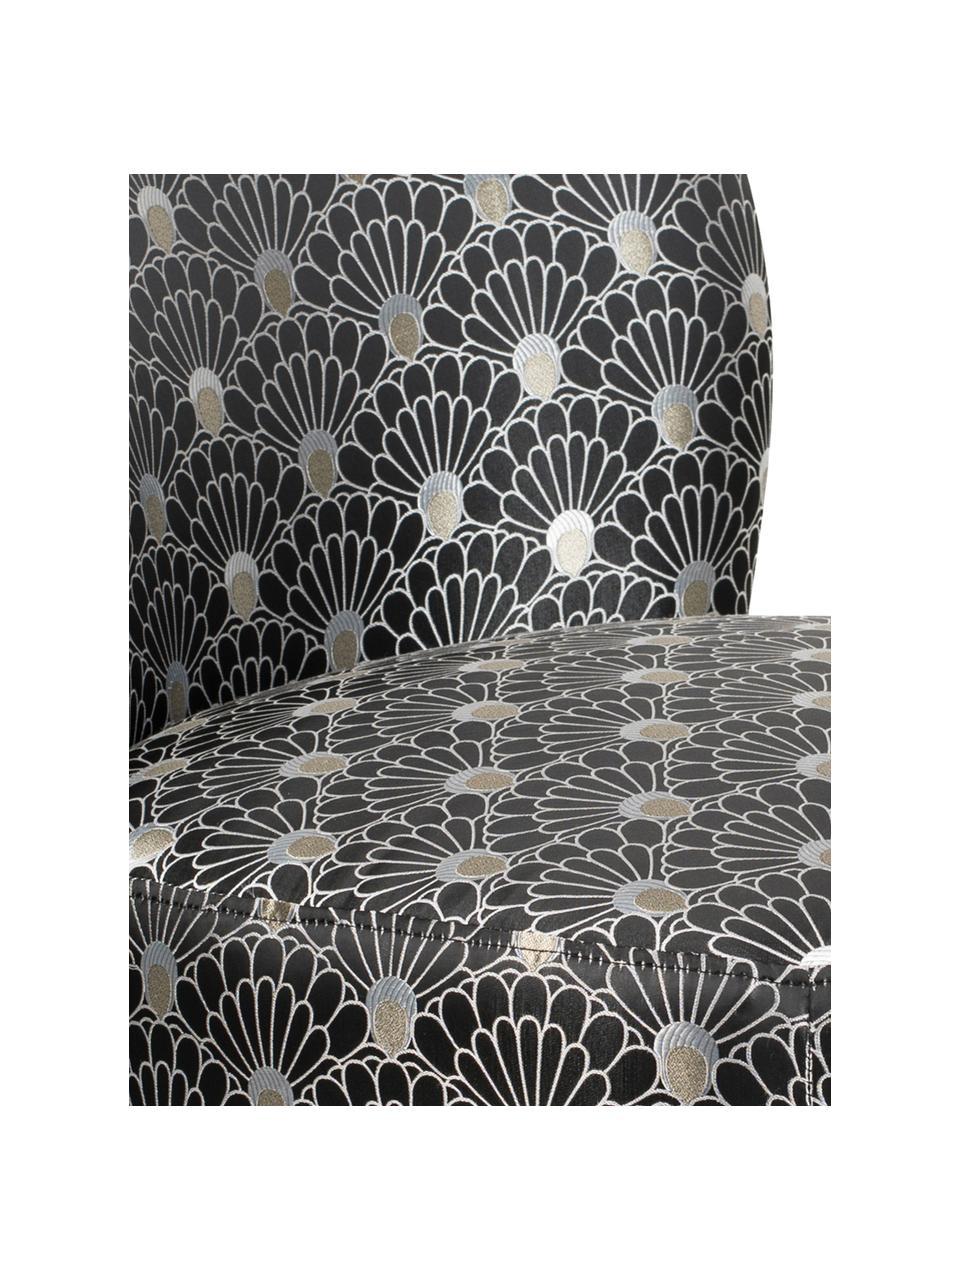 Poltrona da cocktail di design Well Dressed, Rivestimento: poliestere 30 000 cicli d, Gambe: legno di caucciù, Piedini: metallo rivestito, Nero, grigio argento, Larg. 65 x Alt. 83 cm